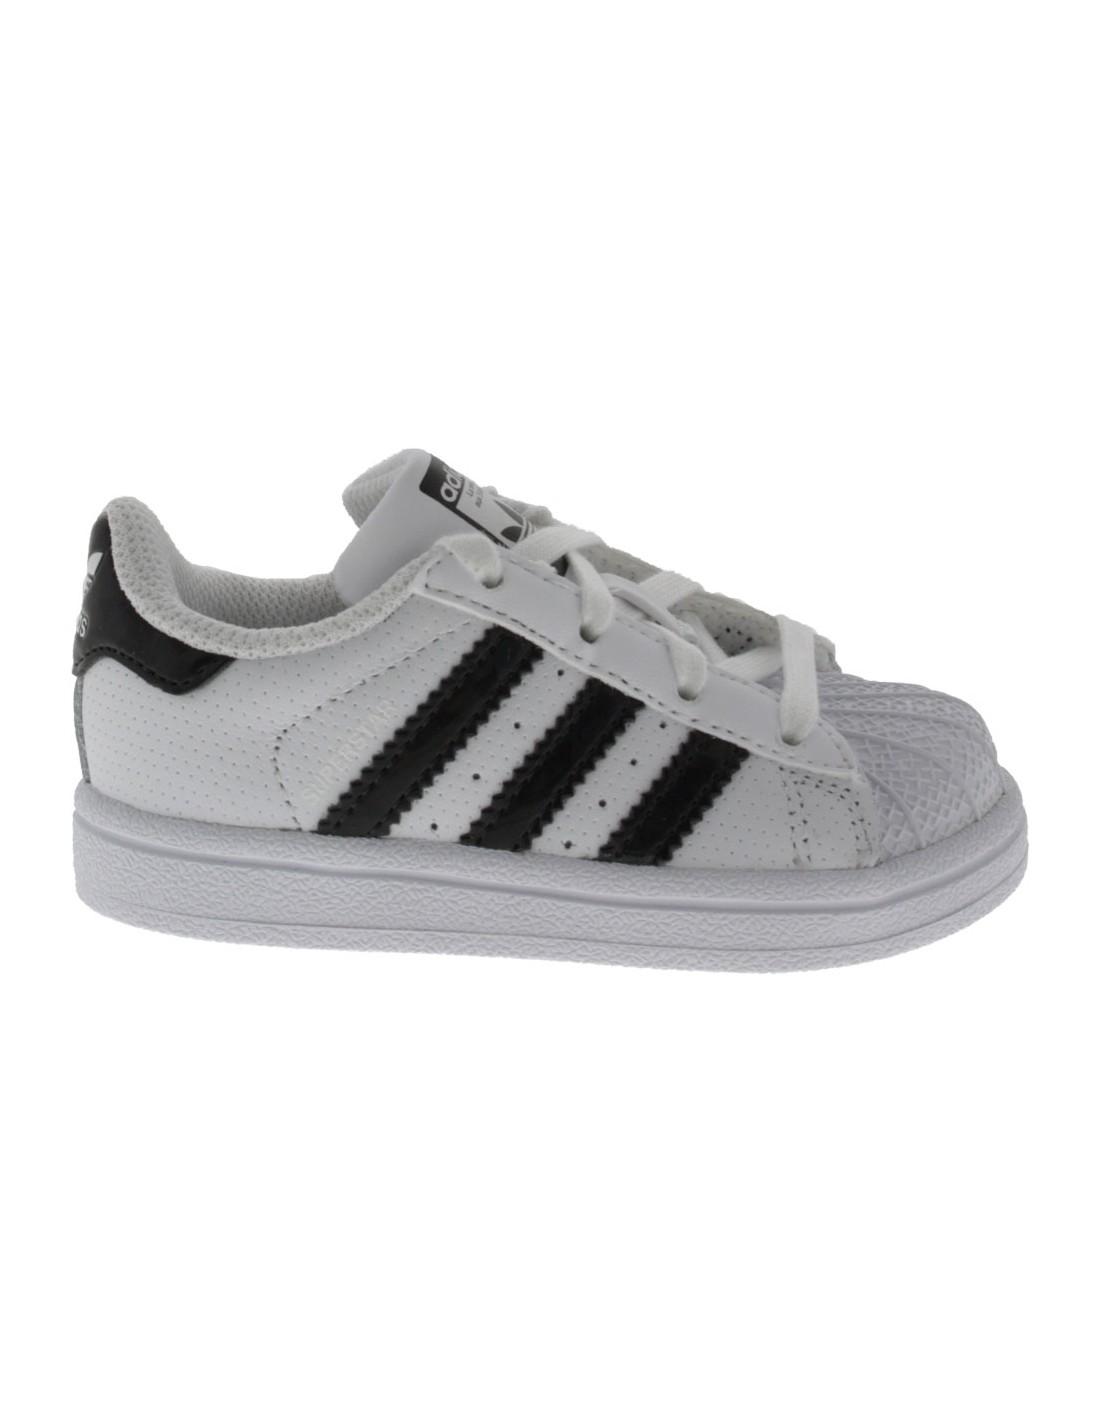 Scarpe Adidas Superstar bambino primi passi bianco e nero 5def18d6fc7